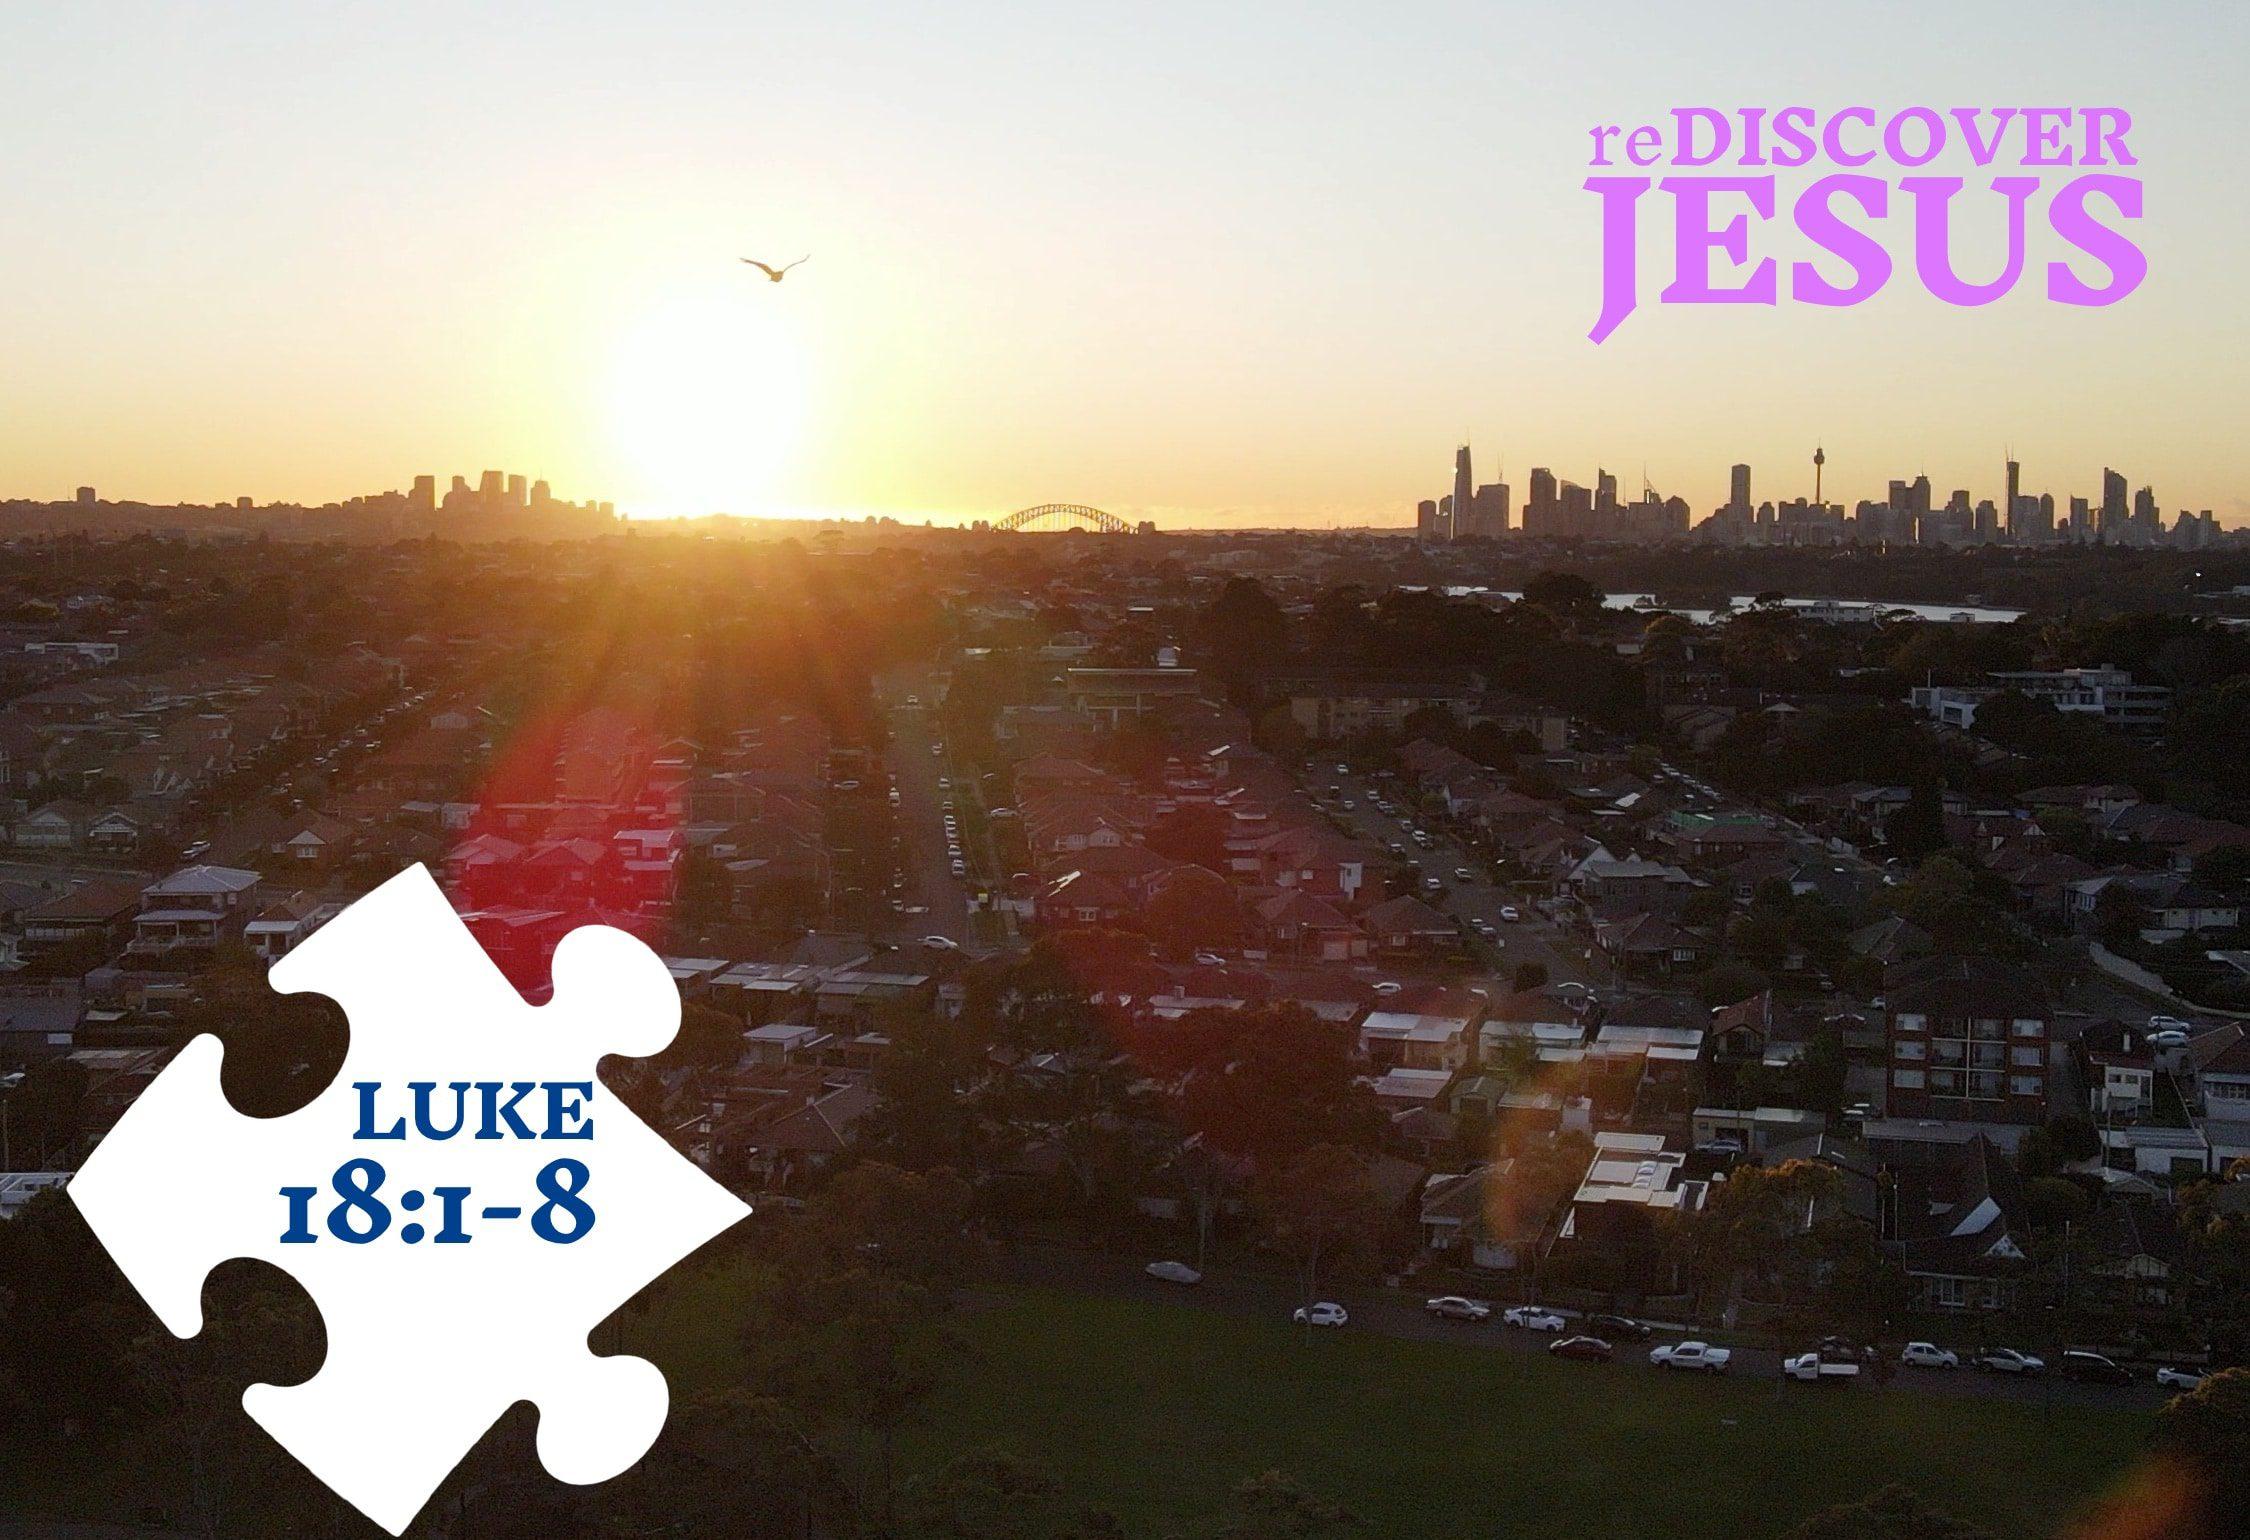 reDISCOVER JESUS return